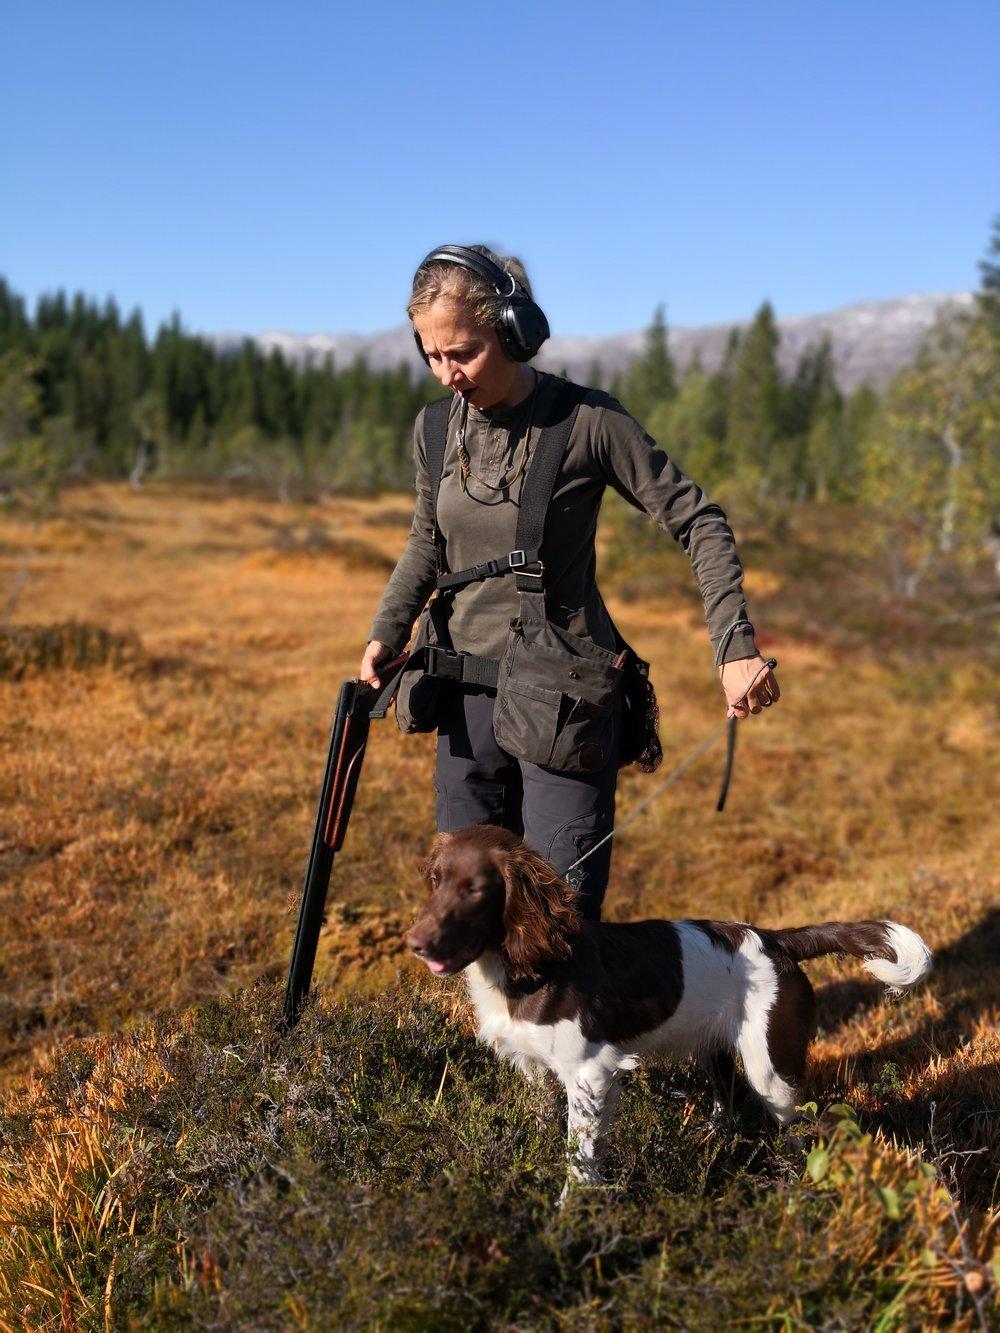 Det er mange momenter og mye å fokusere på når man skal være både hundefører og skytter. Start rolig, uten ammo. Fokuser på delmomenter og lag gode rutiner som sitter i kroppen over tid